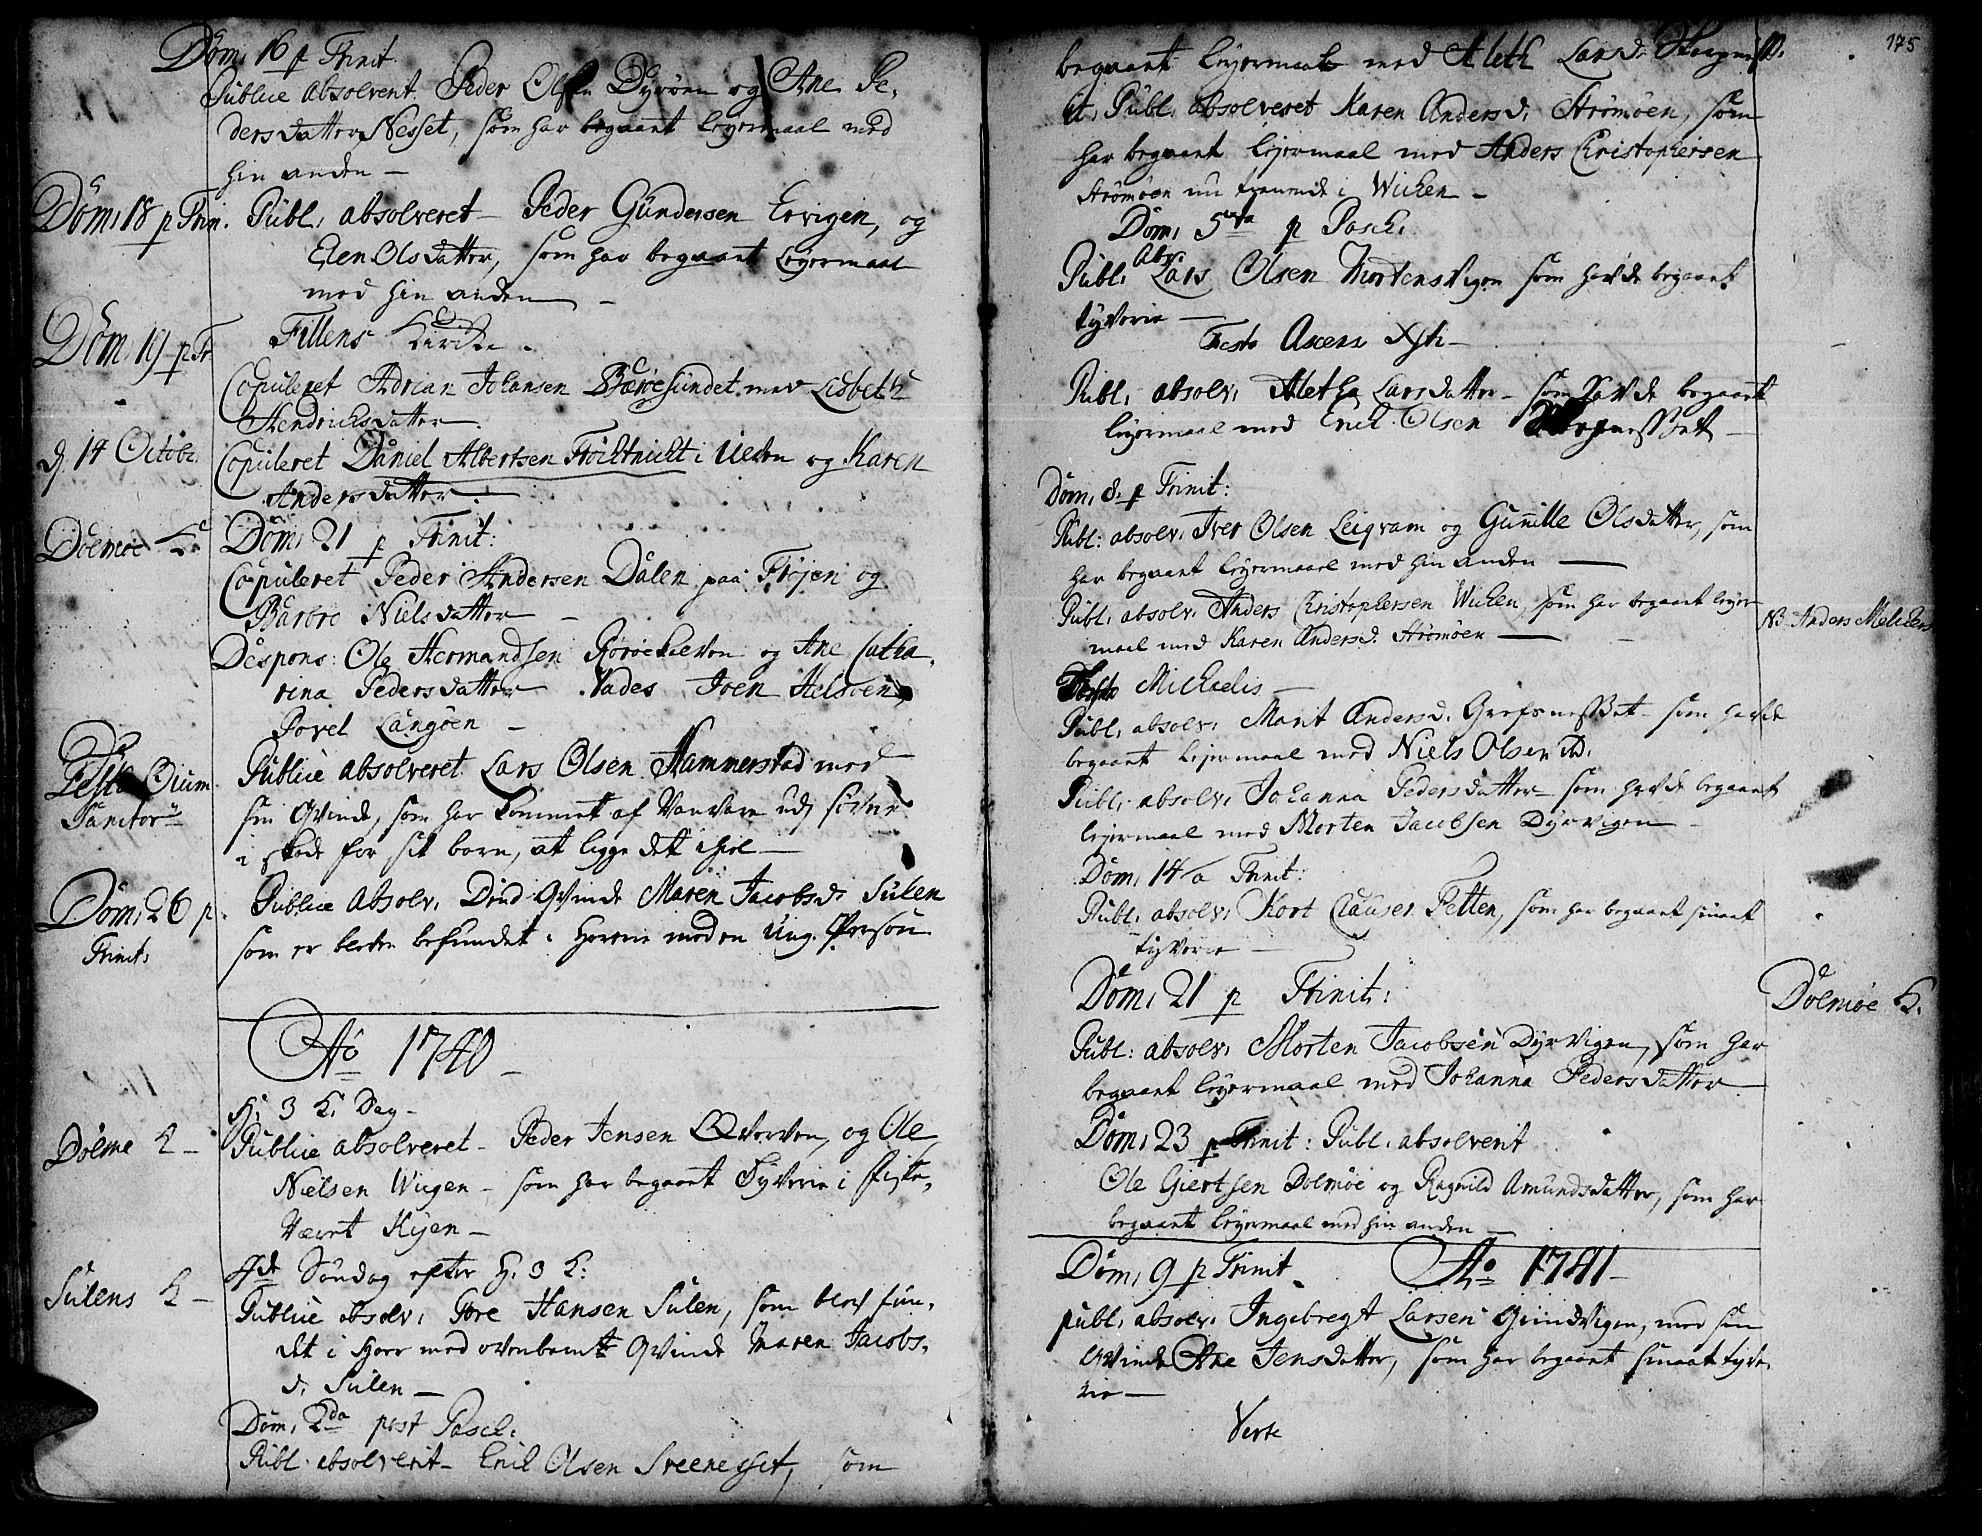 SAT, Ministerialprotokoller, klokkerbøker og fødselsregistre - Sør-Trøndelag, 634/L0525: Ministerialbok nr. 634A01, 1736-1775, s. 175